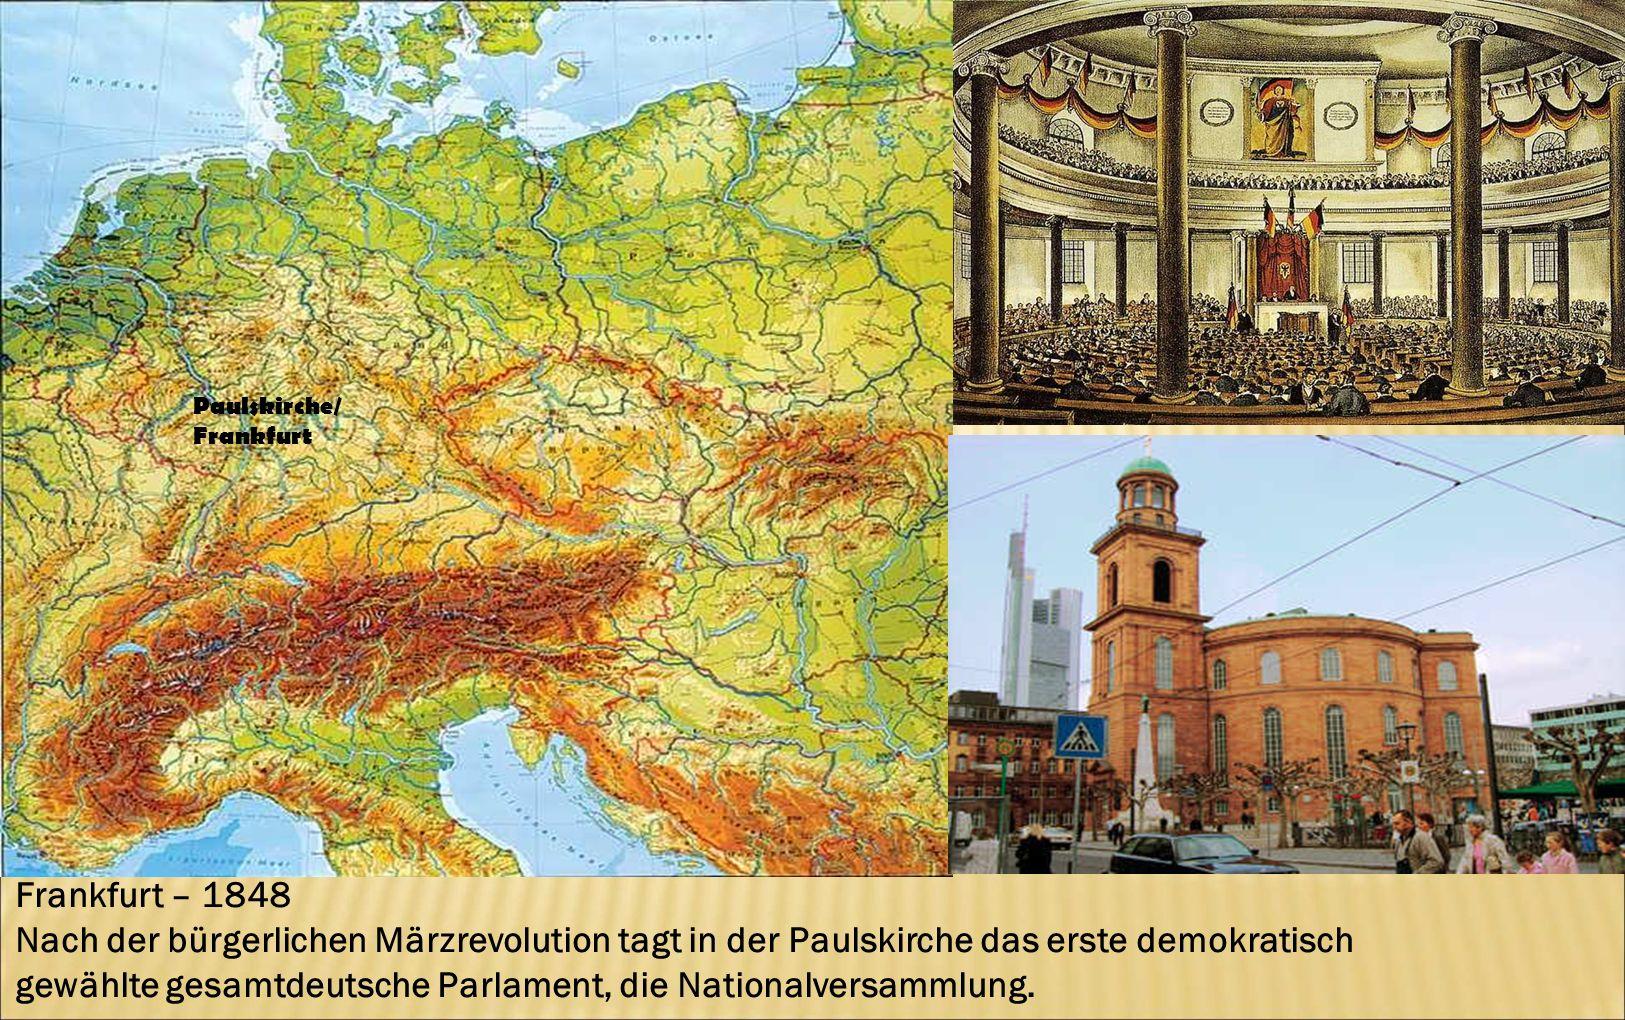 gewählte gesamtdeutsche Parlament, die Nationalversammlung.